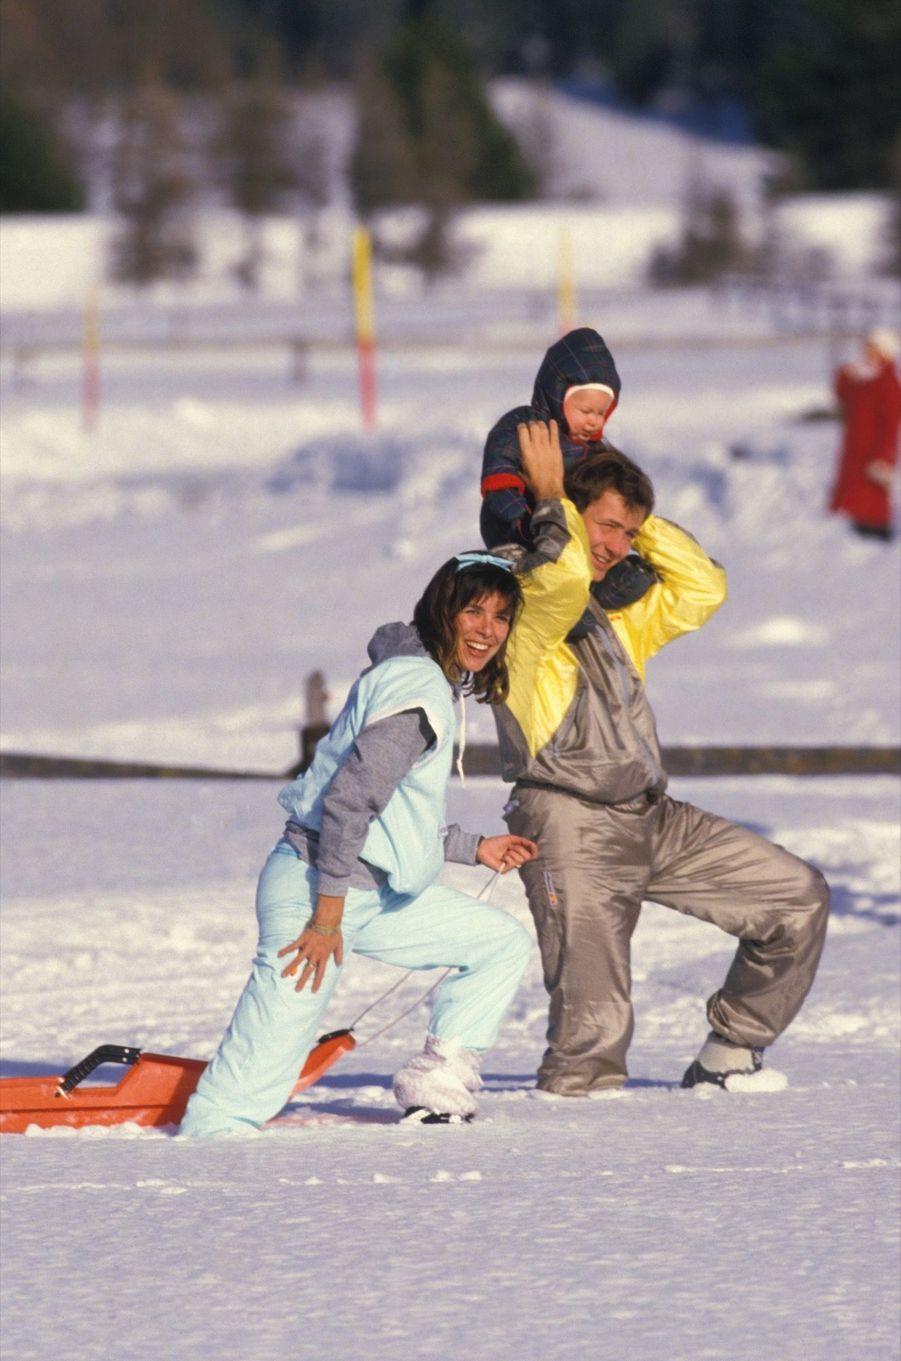 La Princesse Caroline de Monaco avec son époux Stefano Casiraghi et leur fils Andrea à Saint-Moritz, en Suisse, le 2 février 1985.